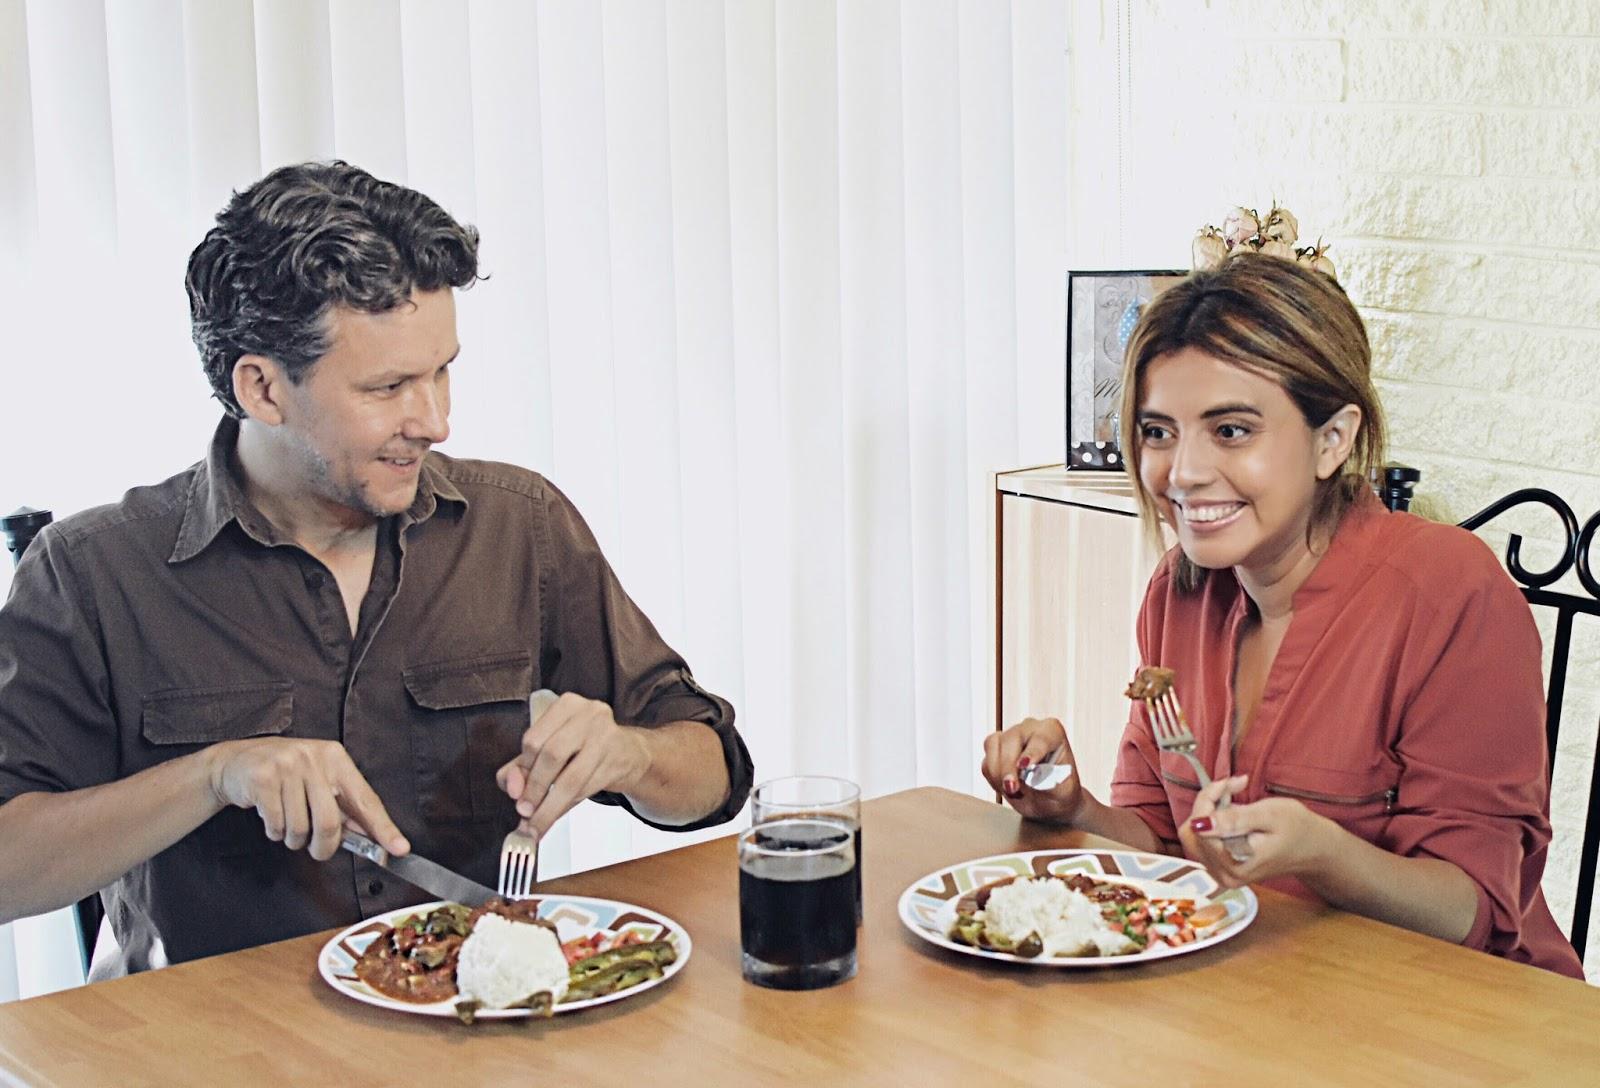 Frijoles Con Carne Y Jalapeños by Mari Estilo-La Morena-Viva La Morena-ColectivaLatina-DCBlogger-Life Style-Food Blogger-Recipes-Retas latinas